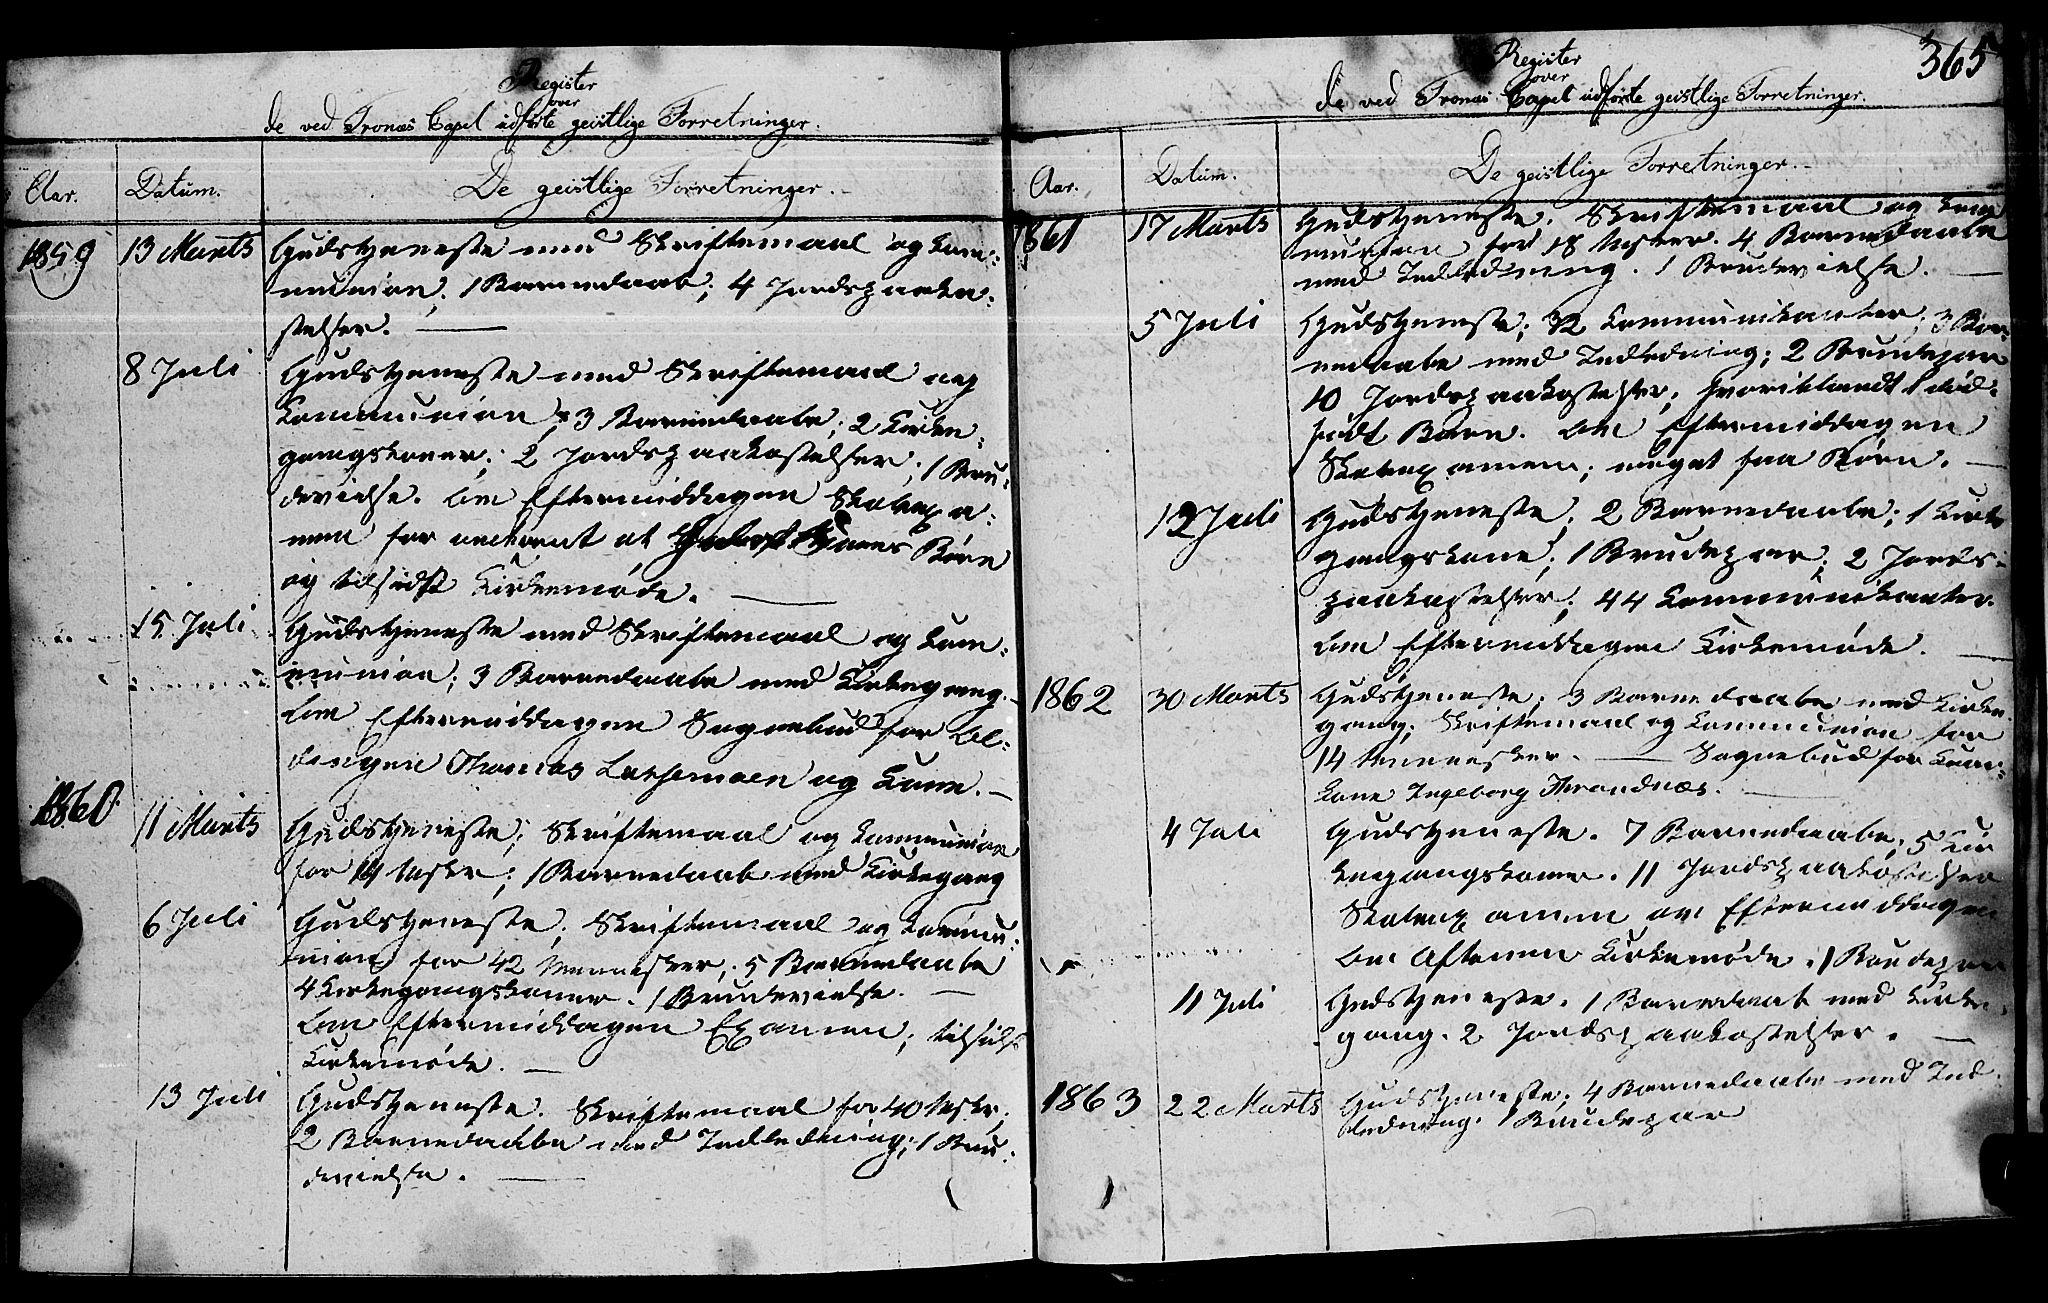 SAT, Ministerialprotokoller, klokkerbøker og fødselsregistre - Nord-Trøndelag, 762/L0538: Ministerialbok nr. 762A02 /2, 1833-1879, s. 365